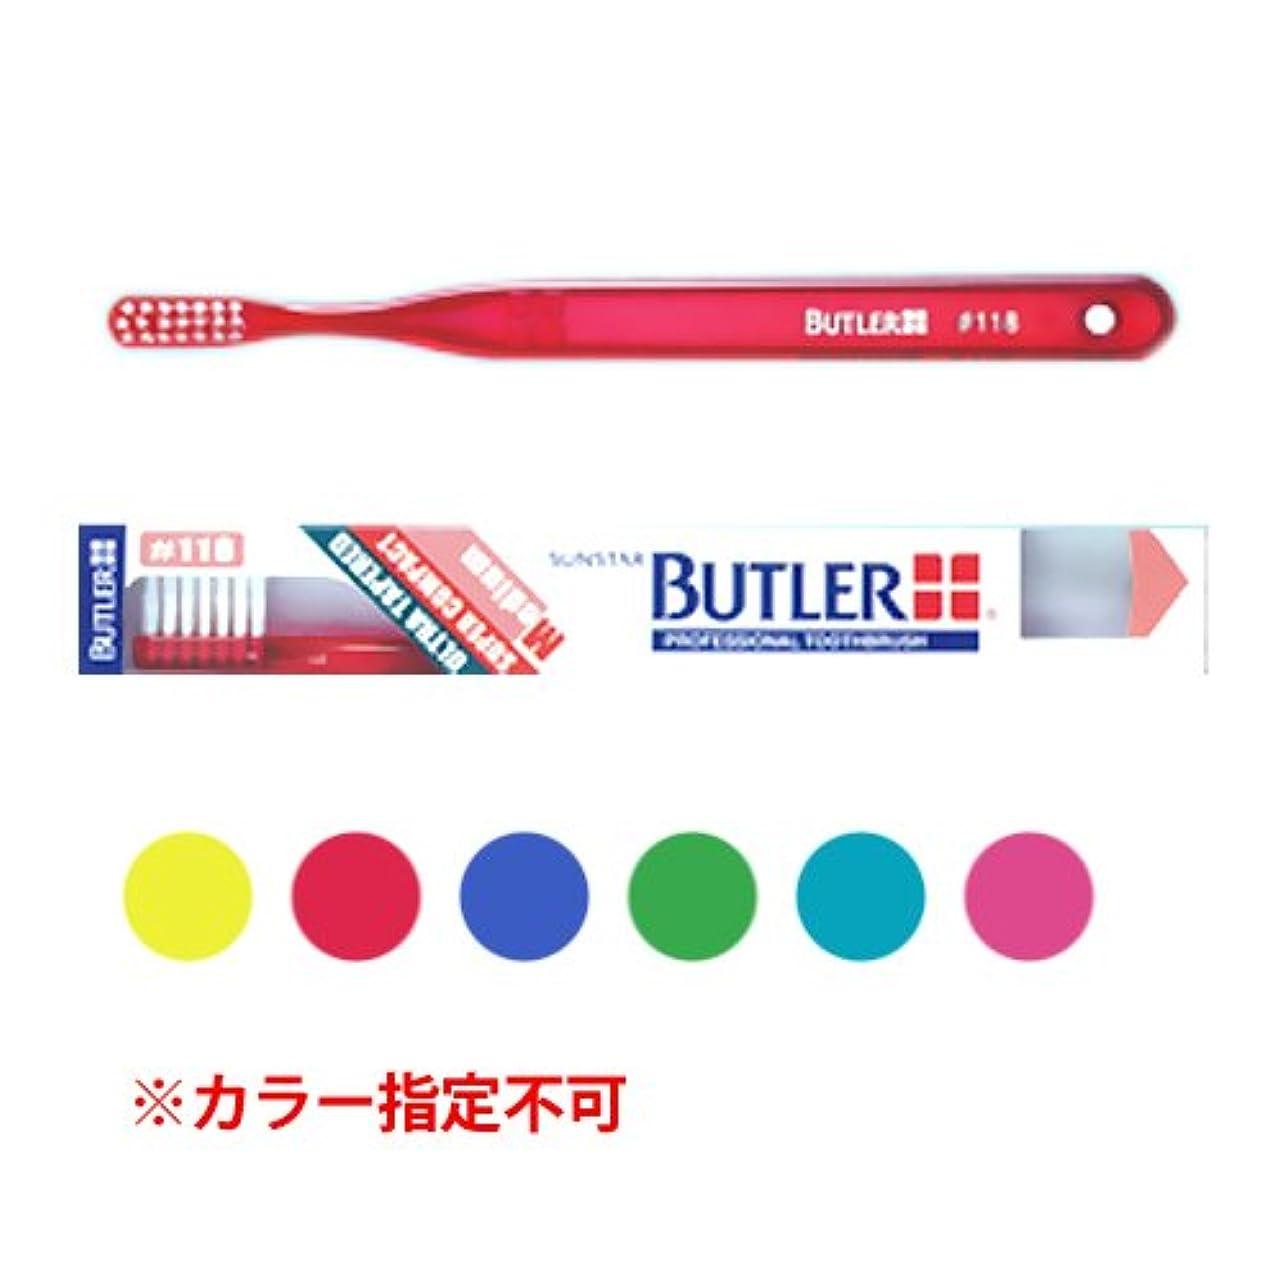 強制的マングルしばしばバトラー 歯ブラシ 1本 #118